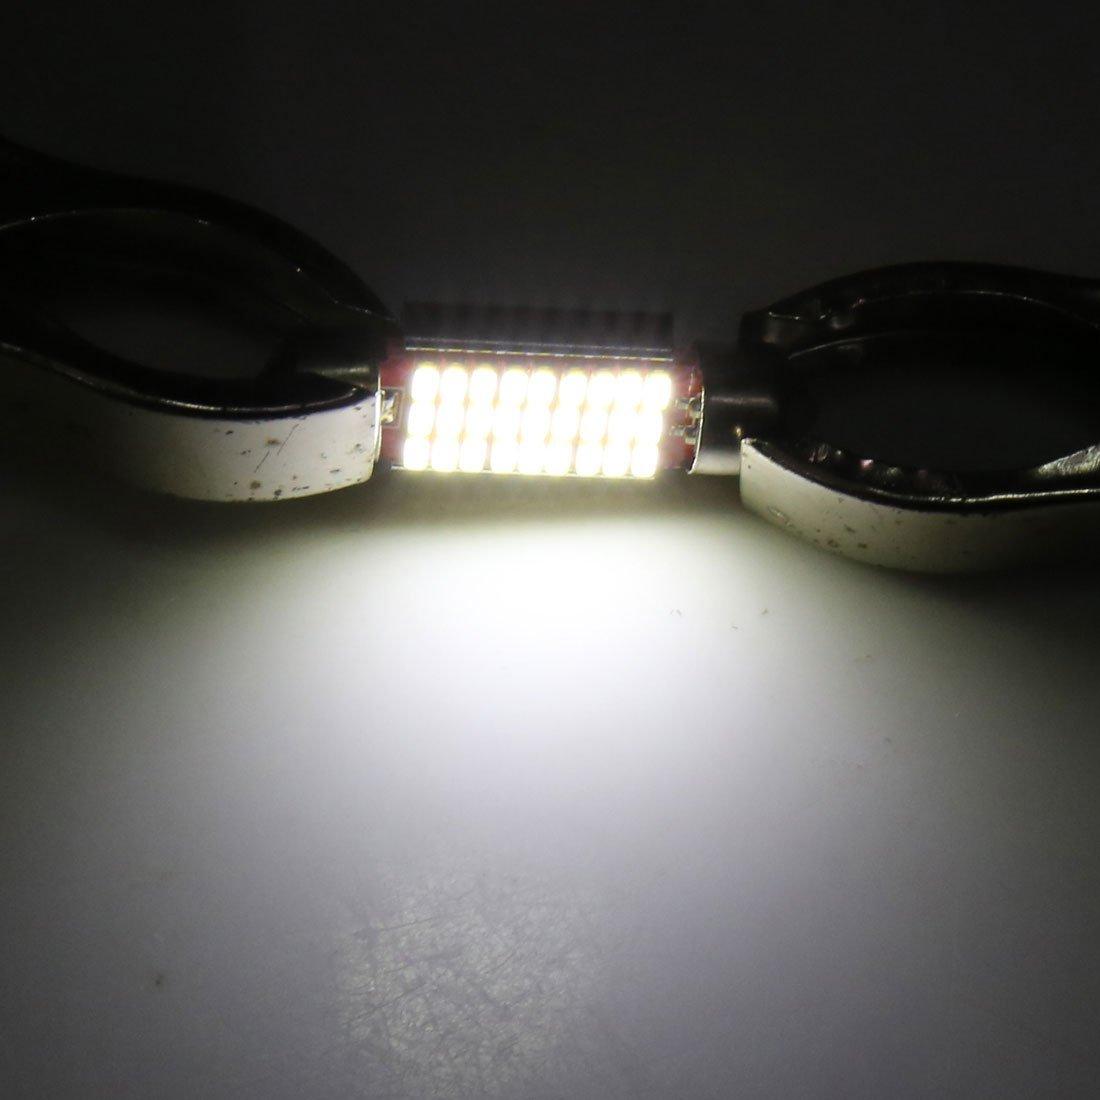 Amazon.com: eDealMax 4 piezas en 36mm tono Plata Concha Blanca 27 LED SMD del coche de bóveda del Adorno Mapa Luz Interior: Automotive